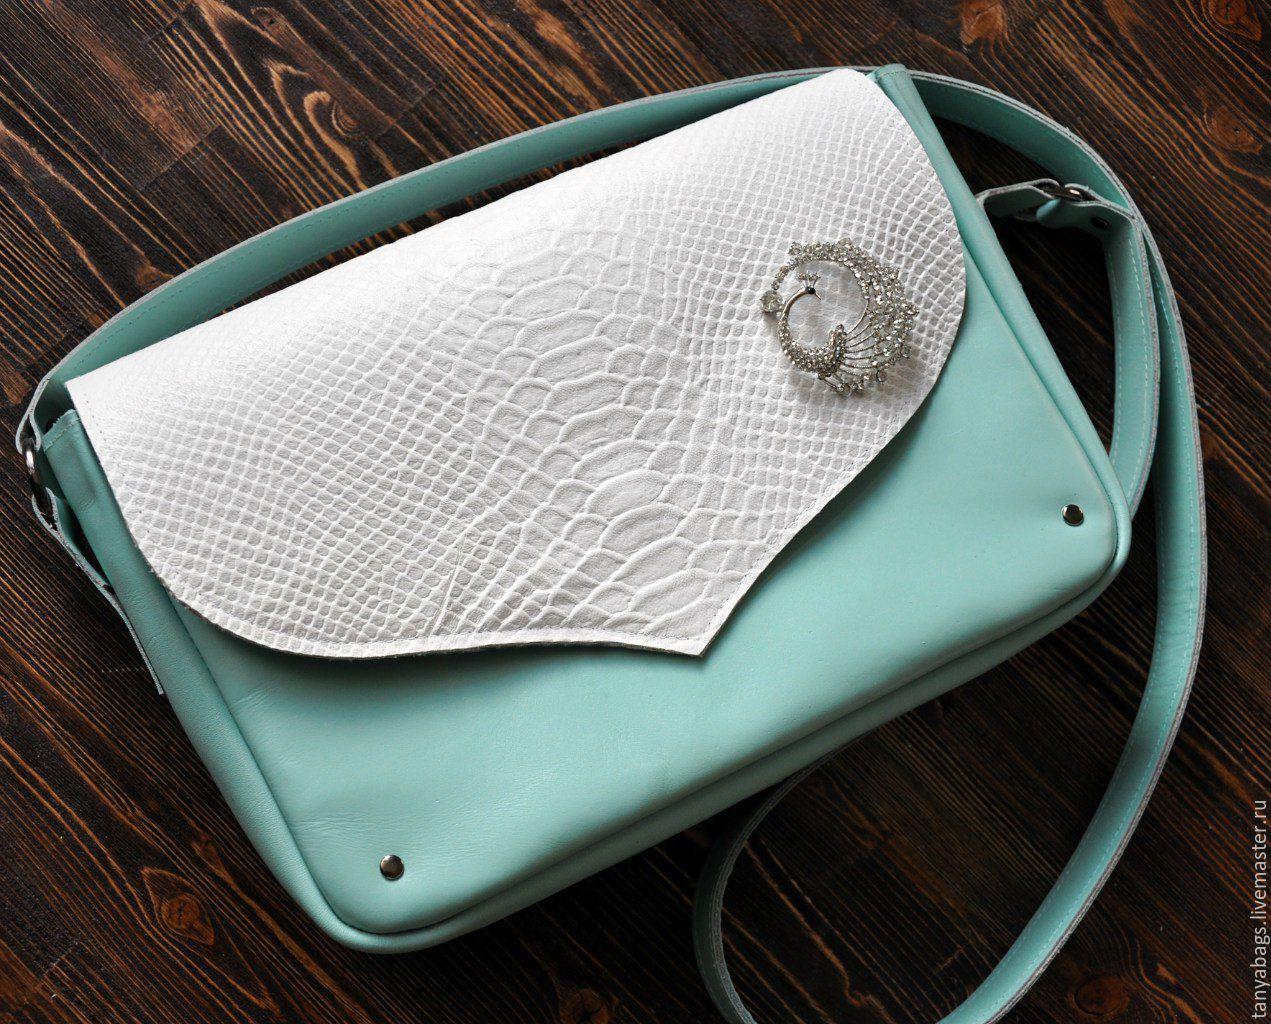 e1cc9819a4cf Женские сумки ручной работы. Ярмарка Мастеров - ручная работа. Купить  Мятная сумка кожаная